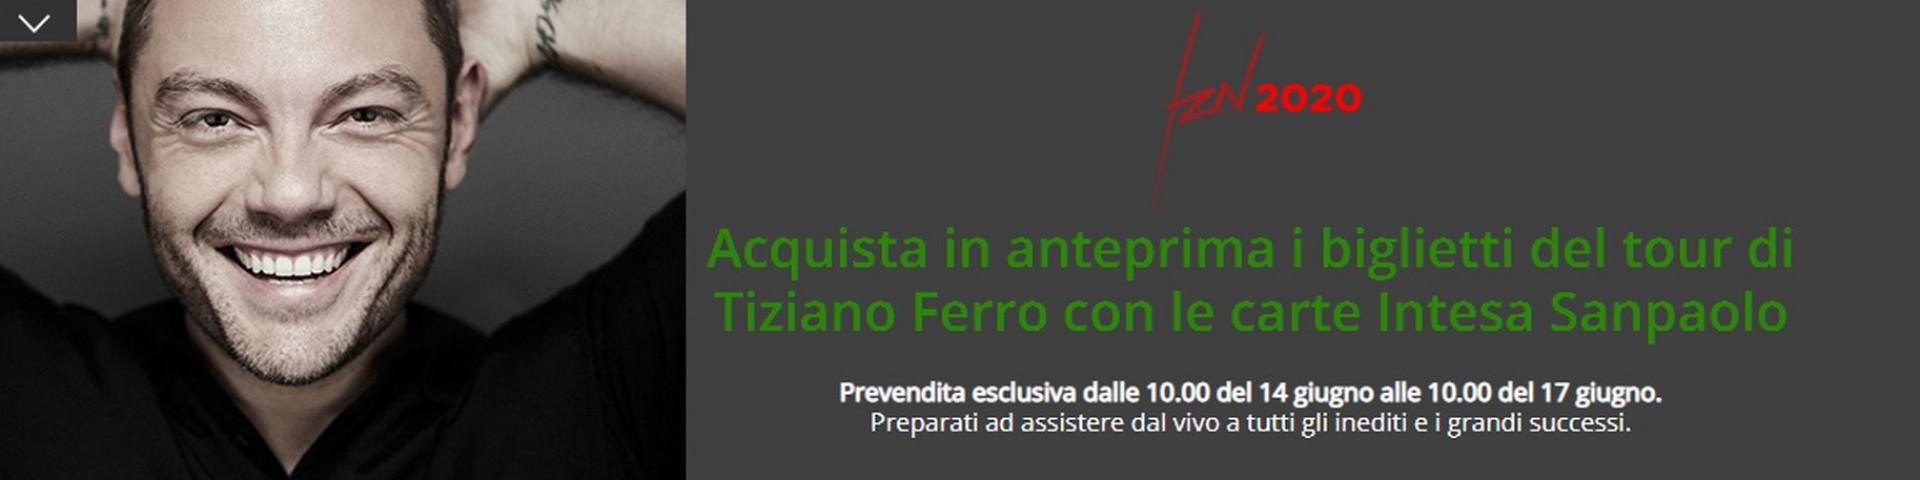 Tiziano Ferro: come acquistare i biglietti in anteprima con Intesa Sanpaolo